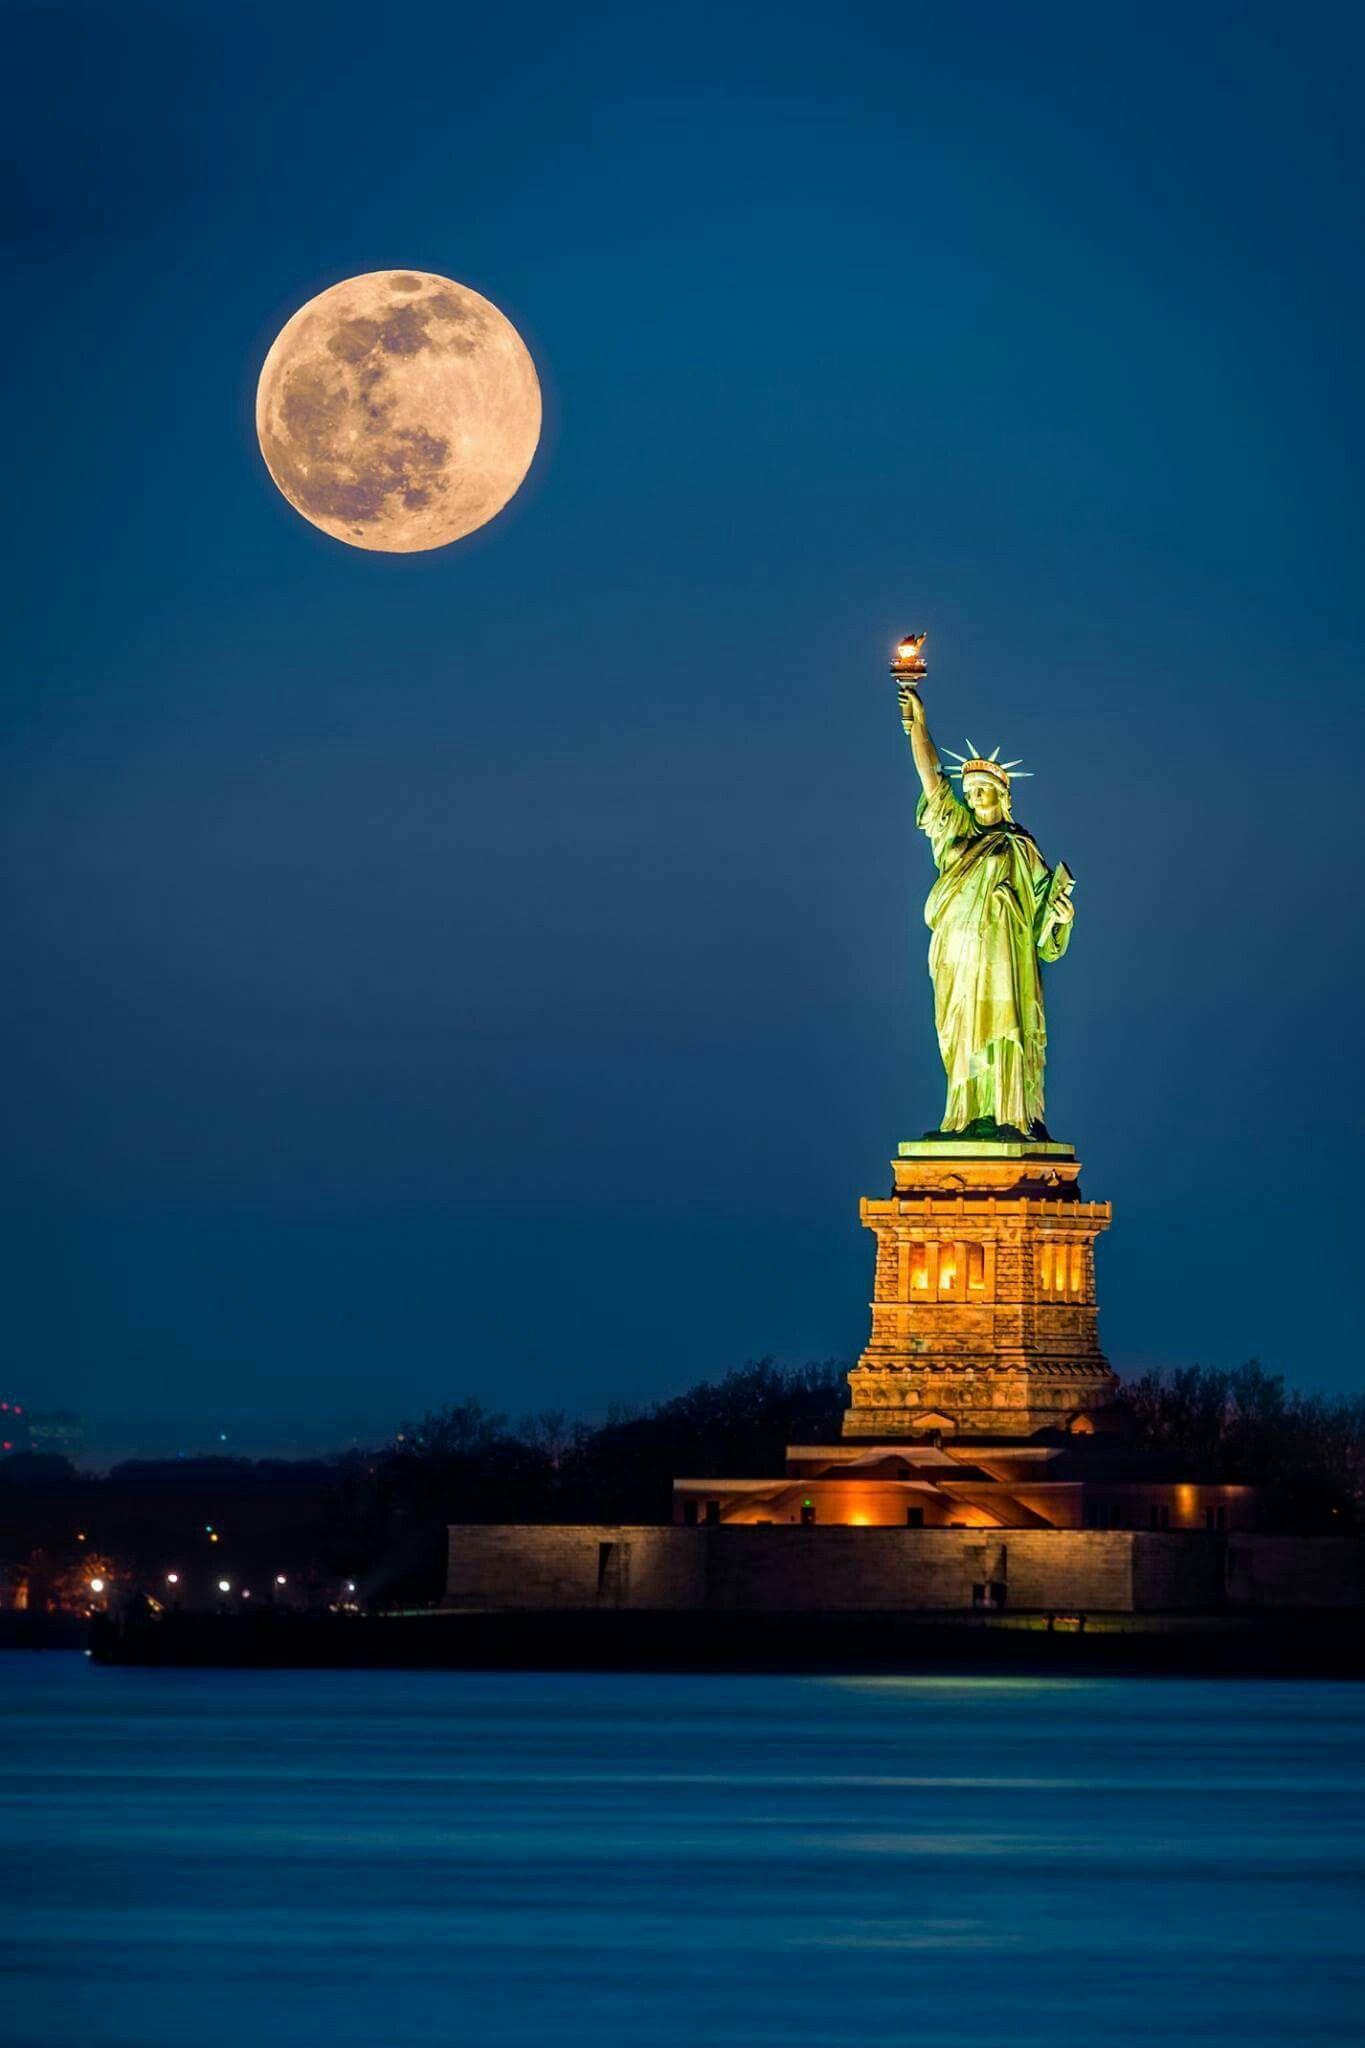 Pin By Cynthia Mills On Immagini Emozionanti Liberty New York Night City Statue Of Liberty